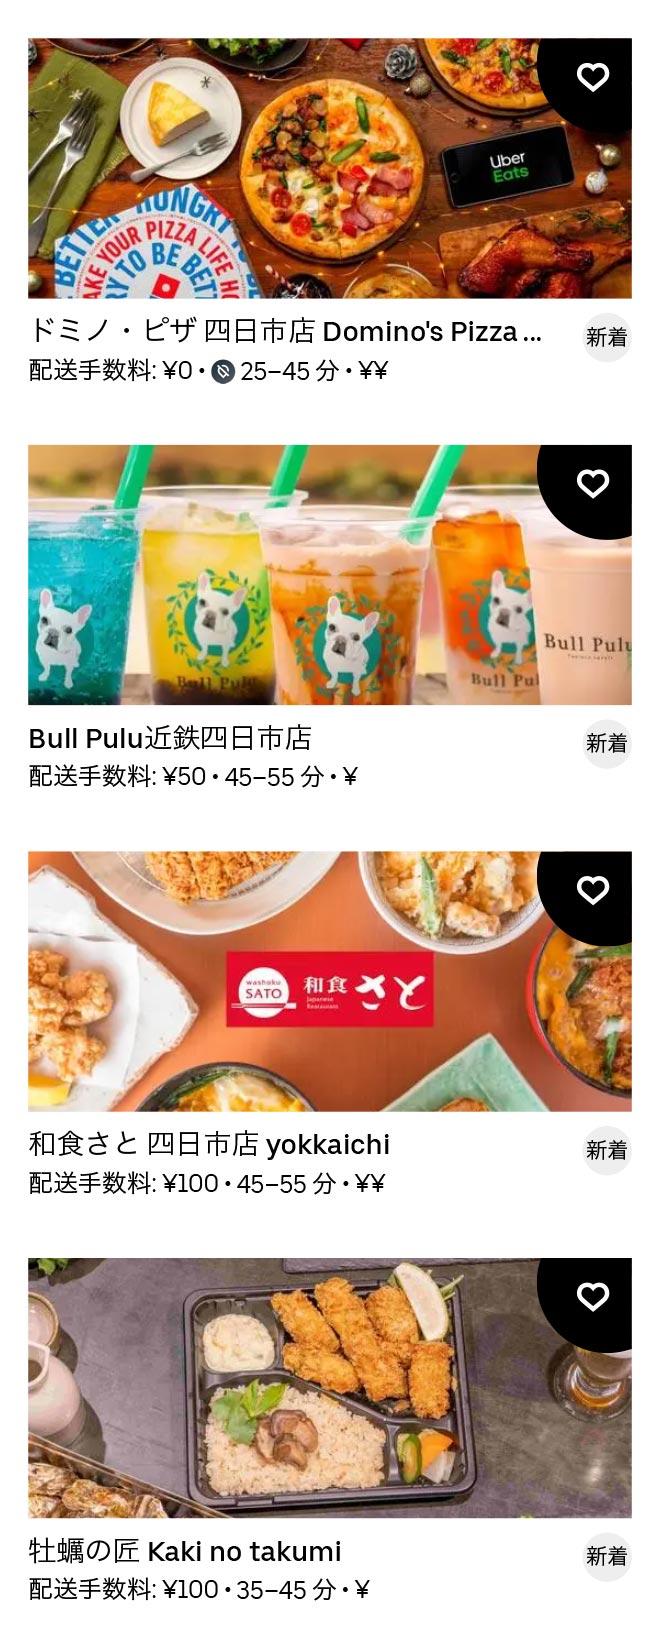 Yokkaichi menu 2012 04